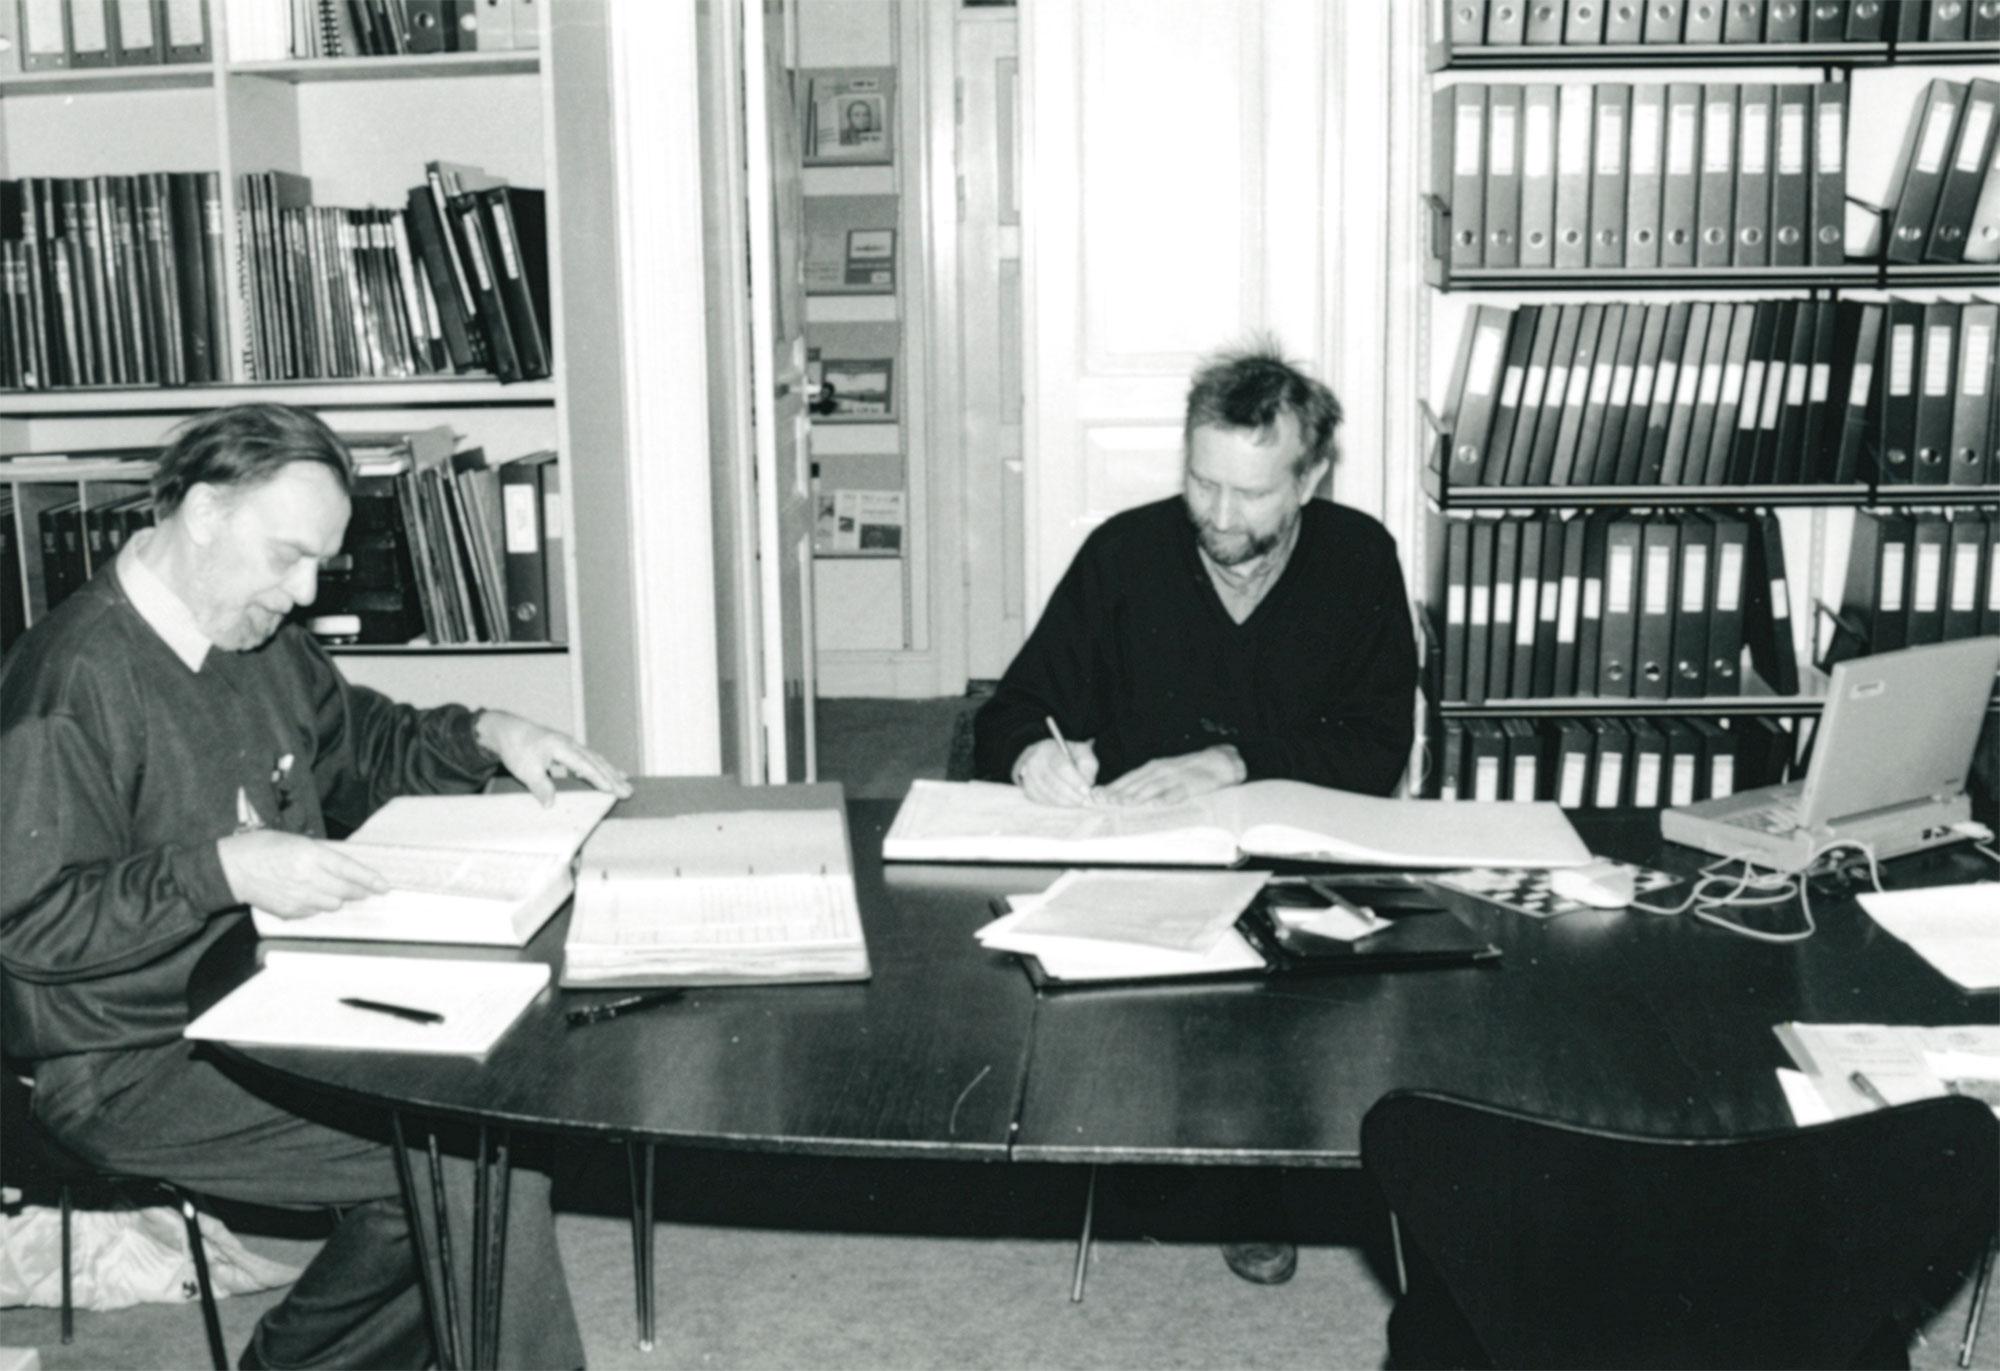 På lokalarkivets læsesal på Stationsvej 9 ses Tage Eriksen og Regnar Walløe. Billedet stammer fra 1997. Foto: Historisk Arkiv Dragør.